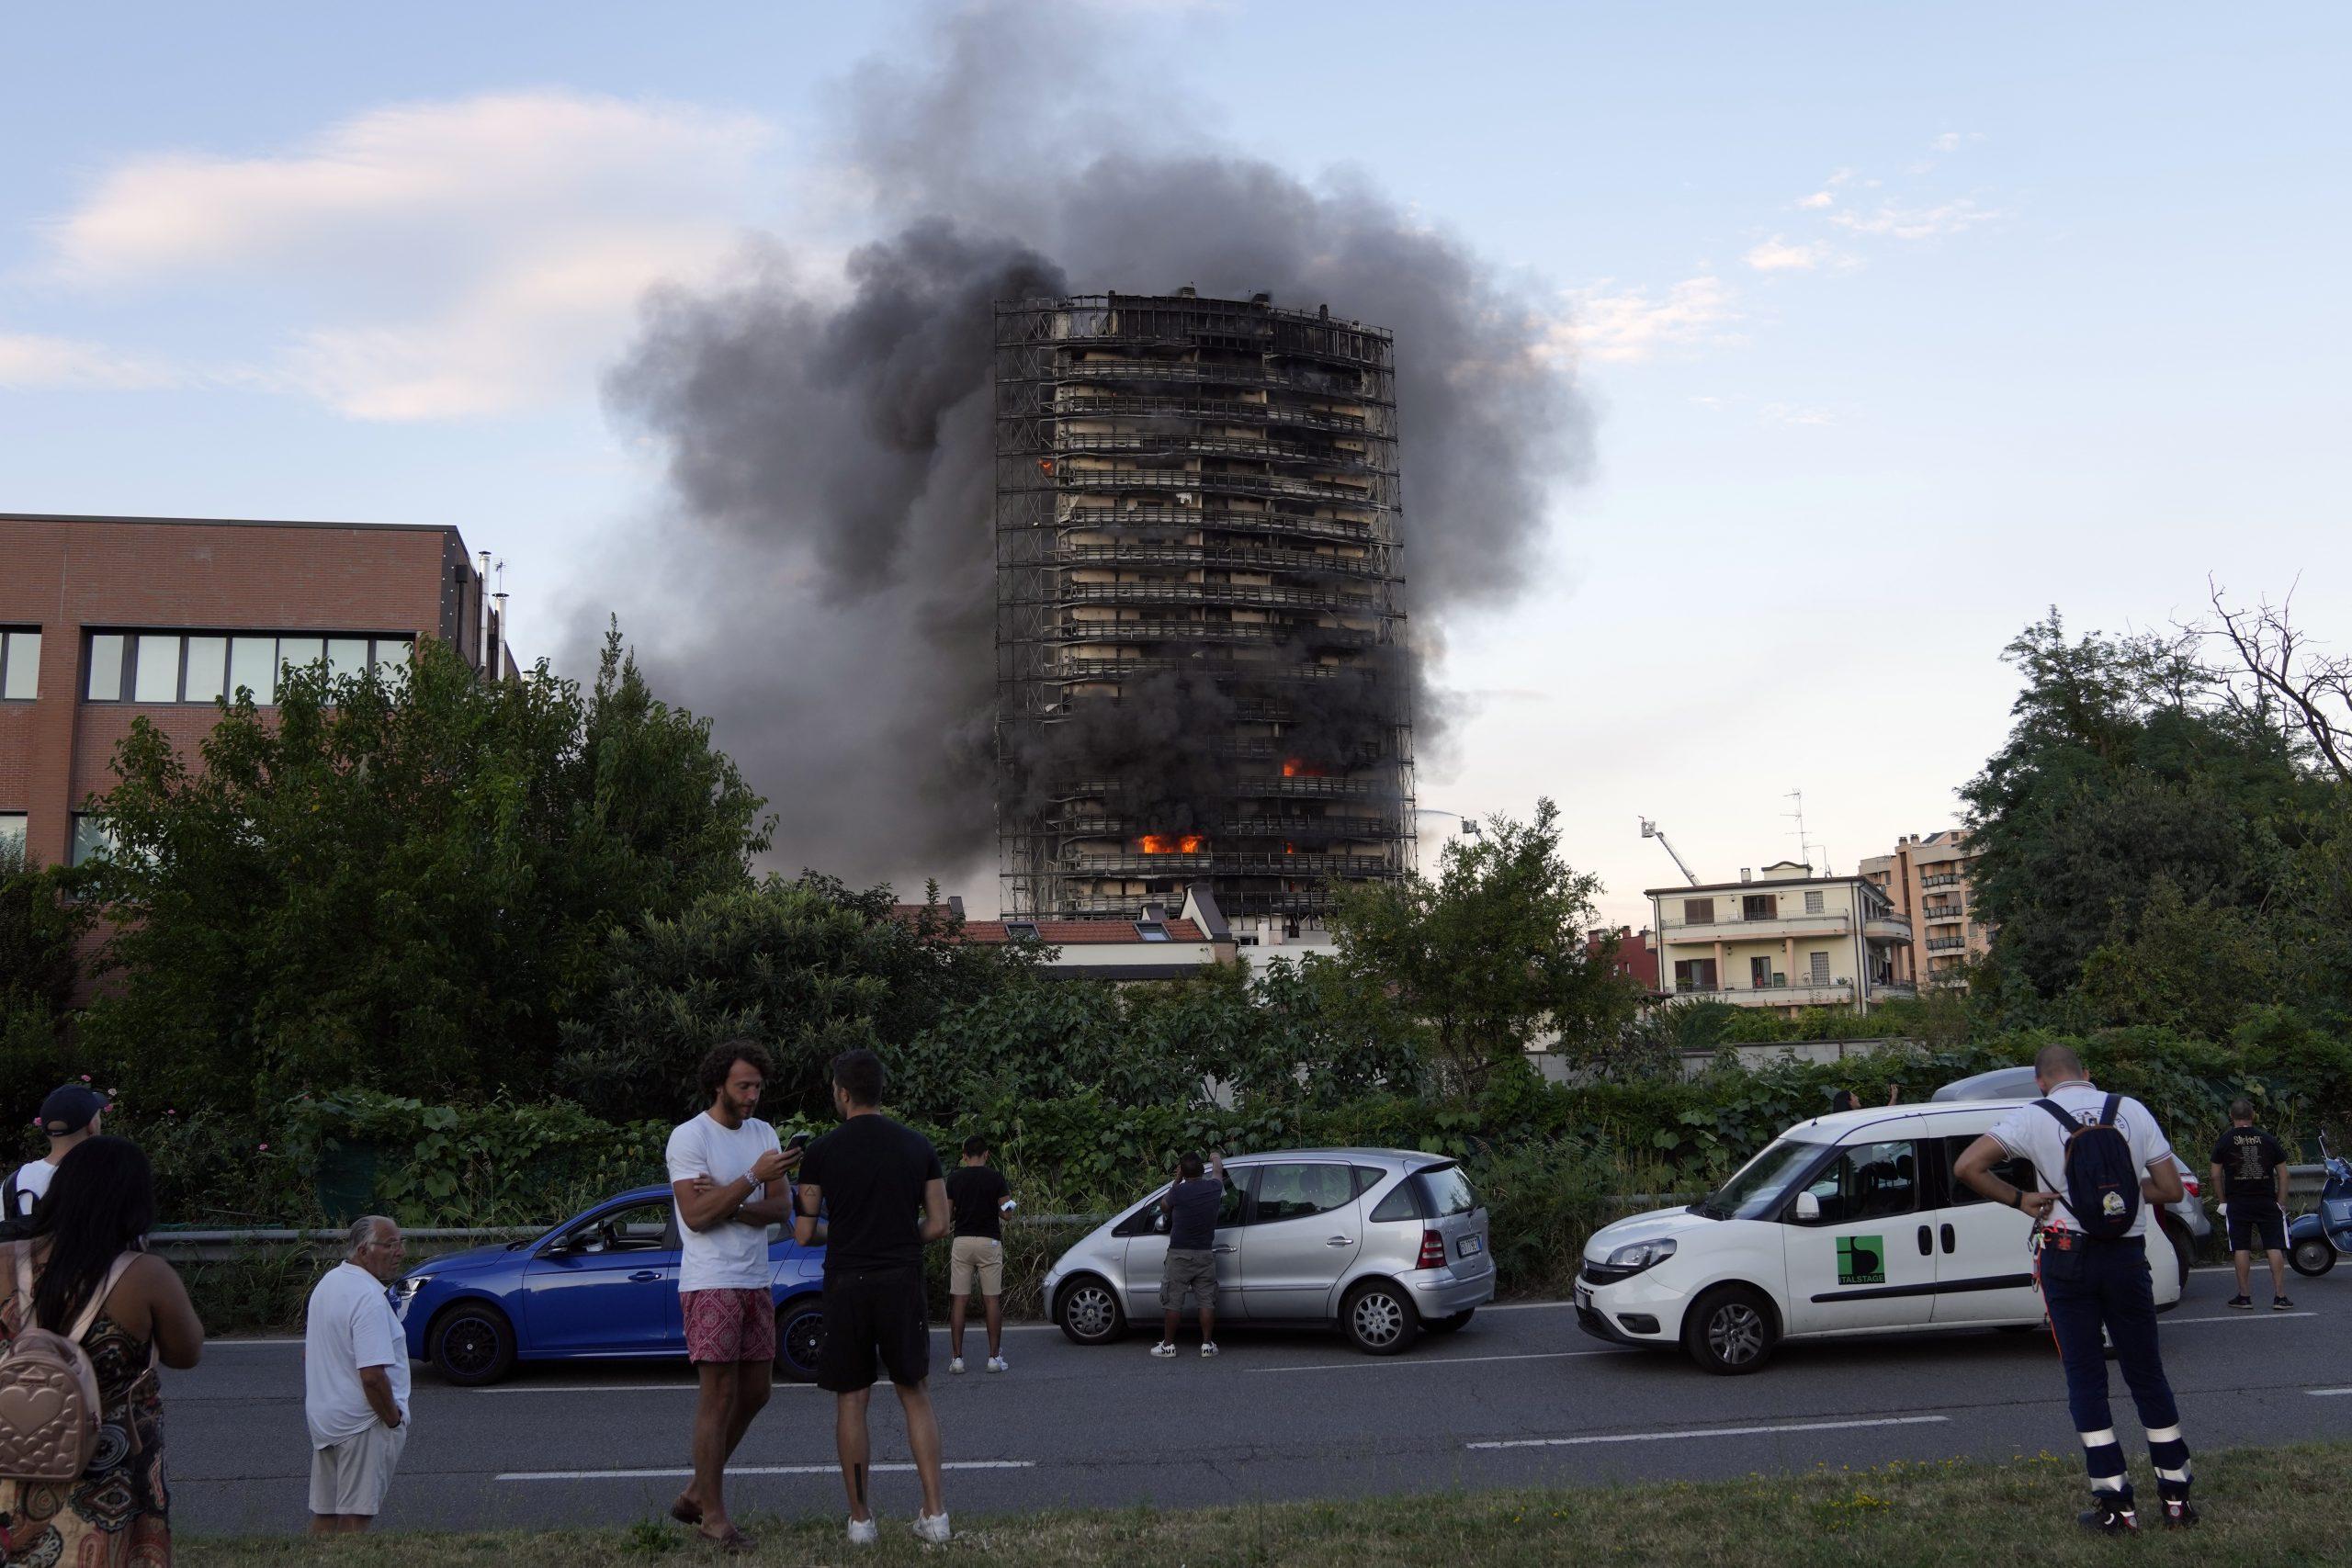 das brennende Gebäude in Mailand.